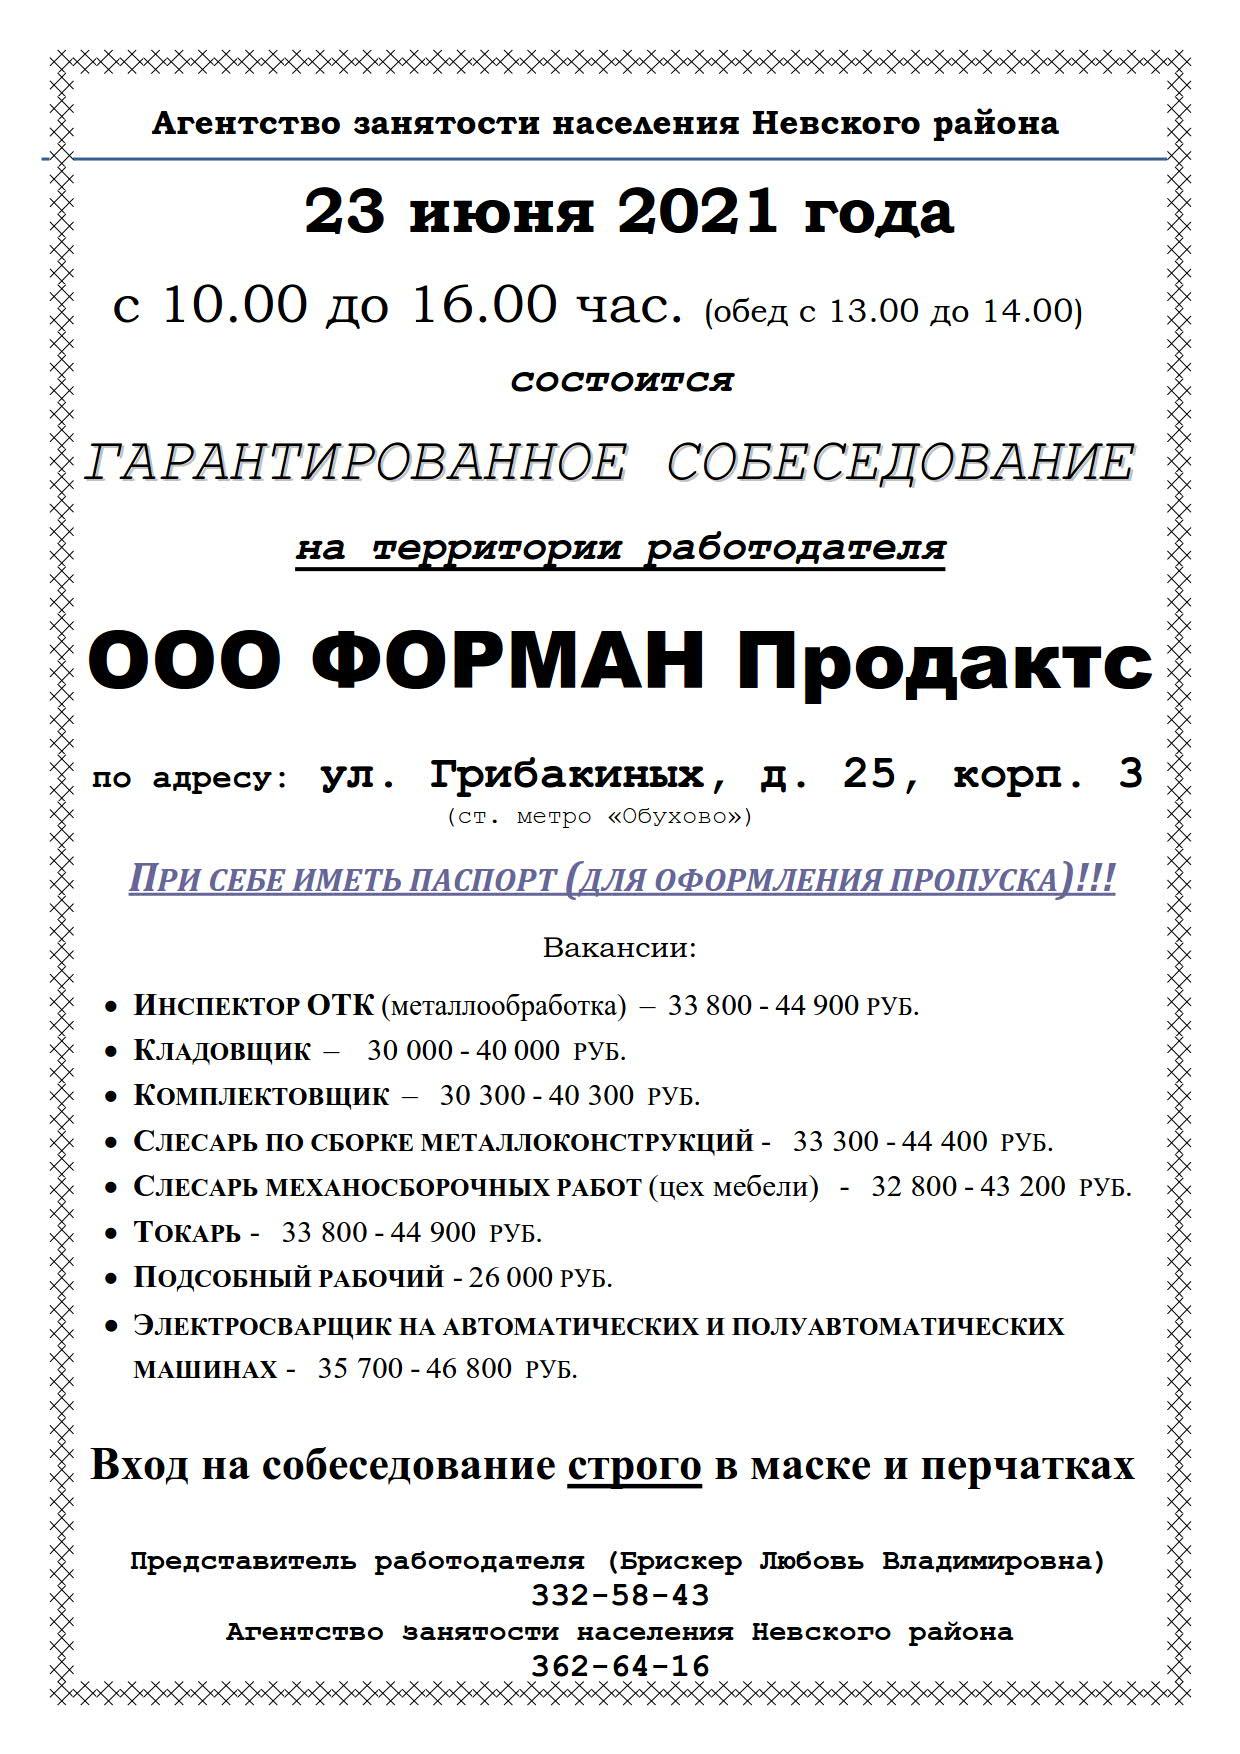 Объявление ГС, 23.06.2021_1